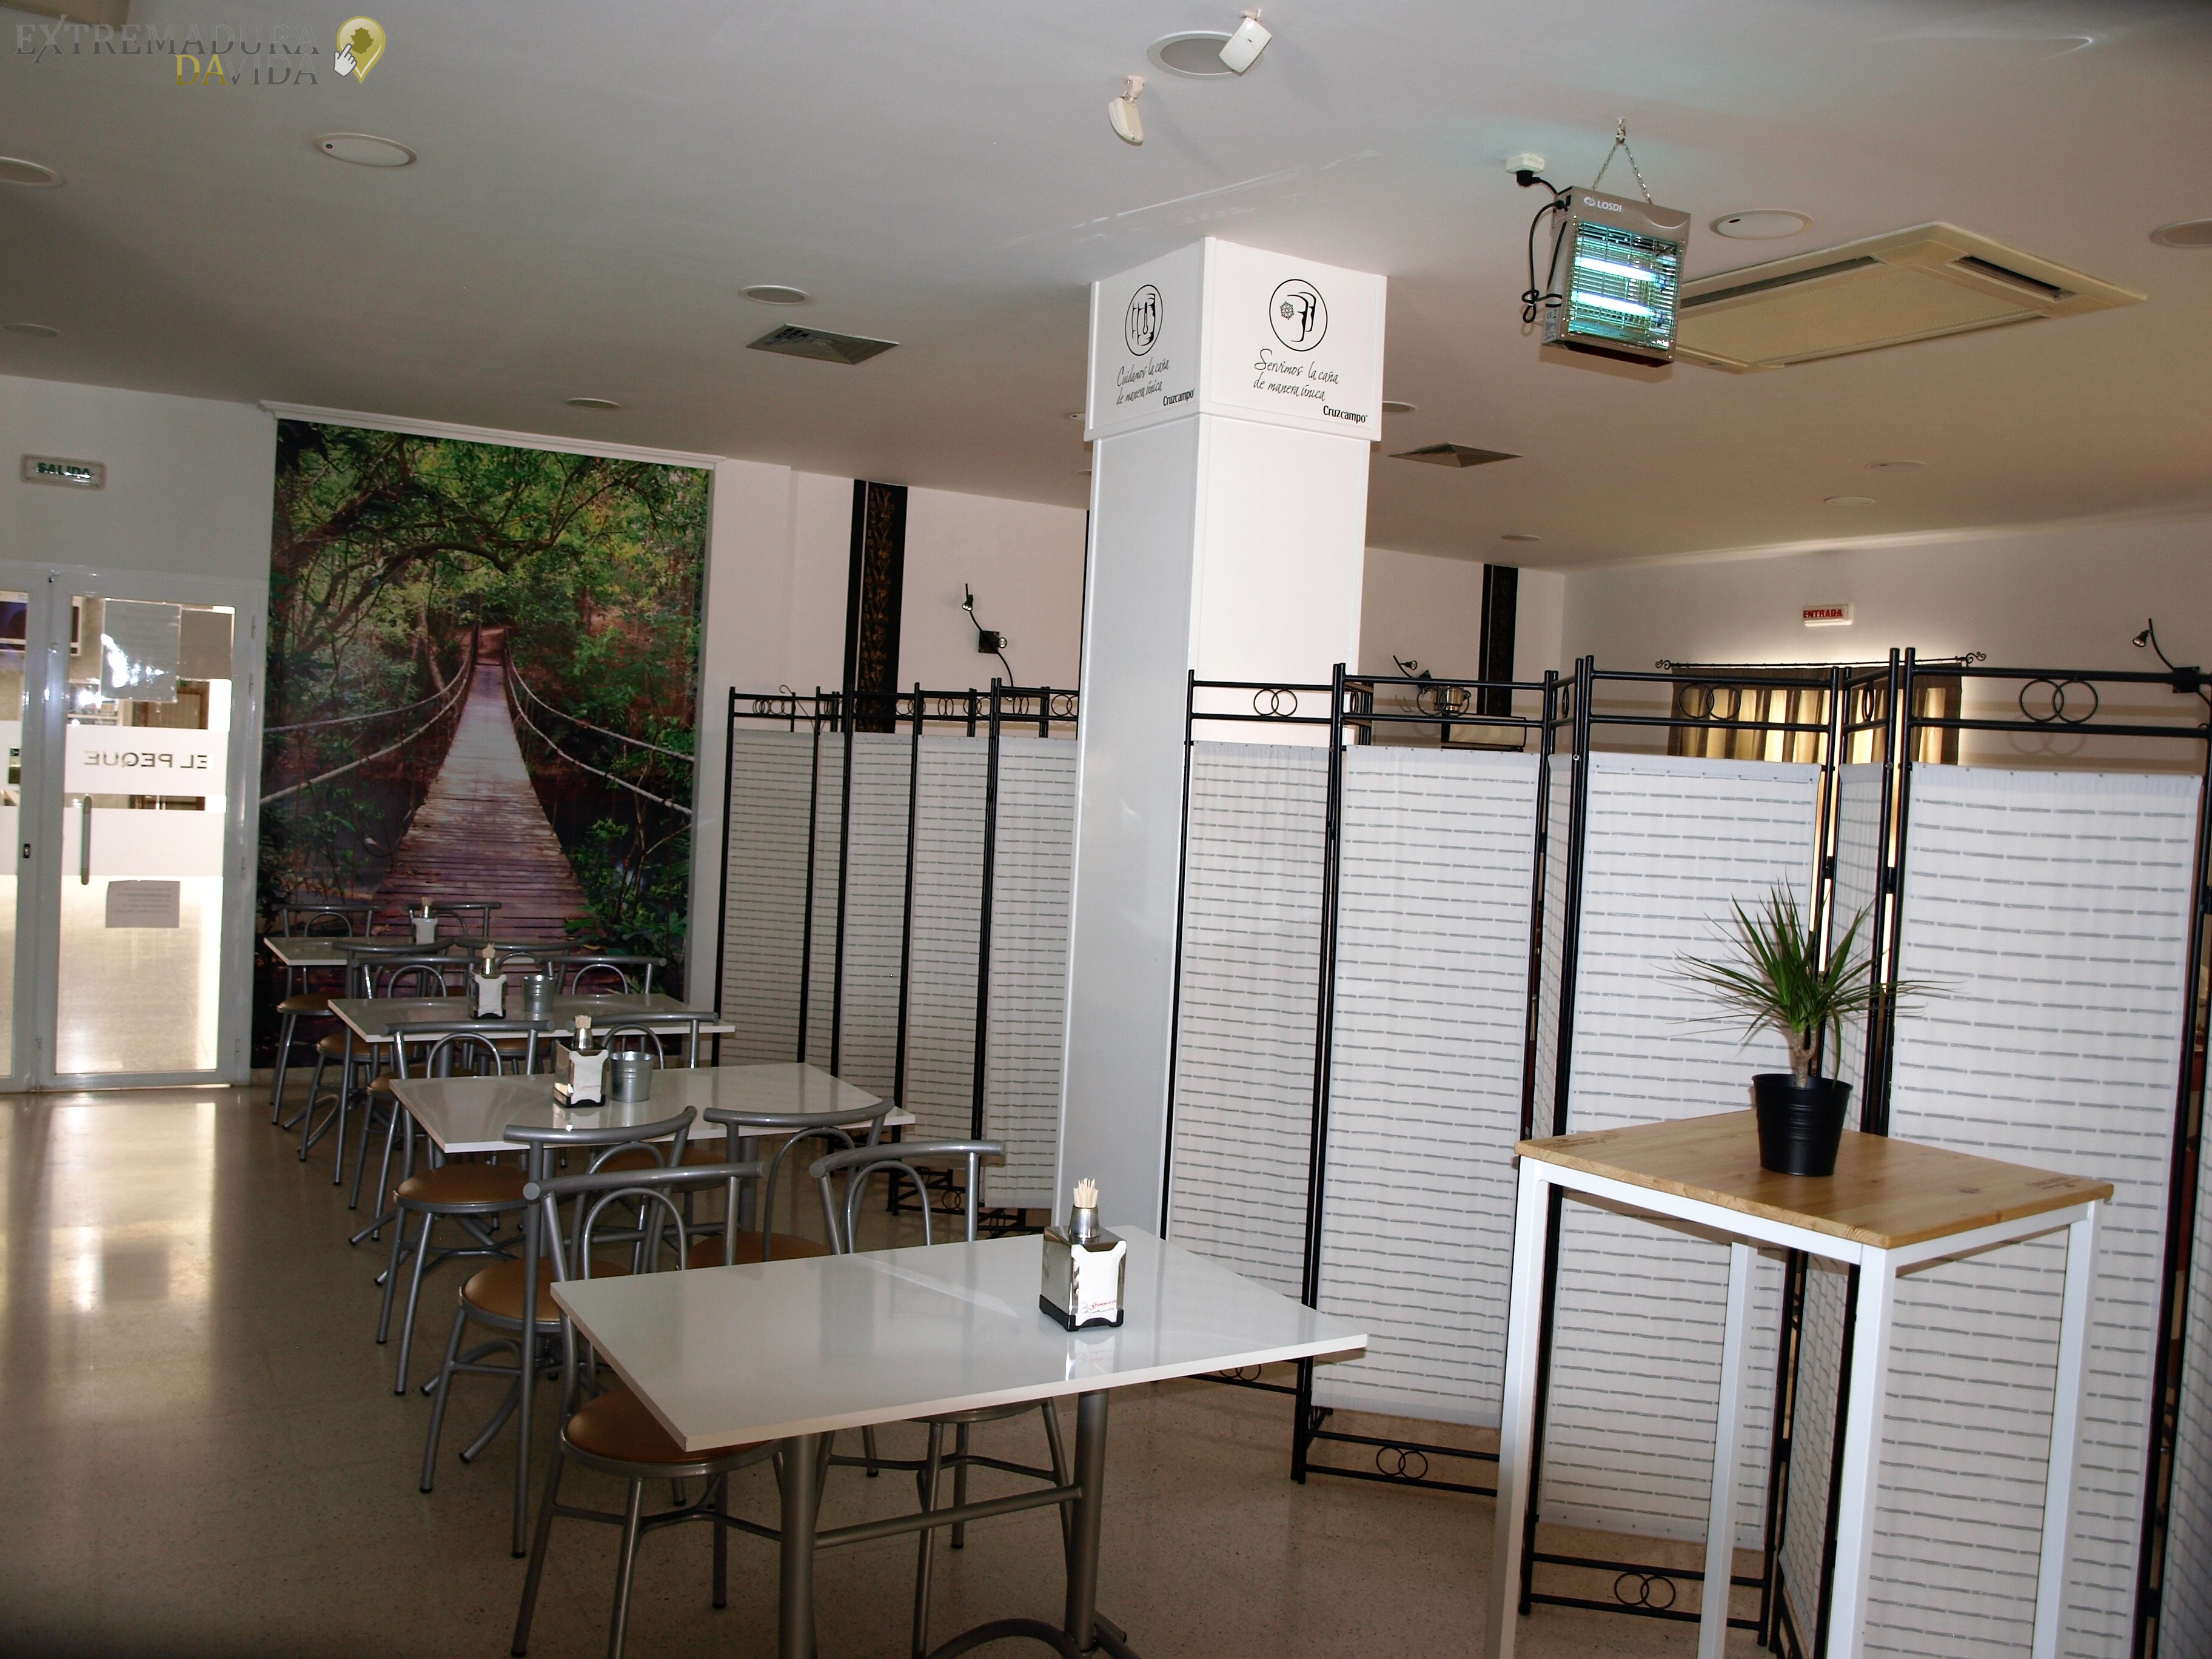 RESTAURANTE CAFETERÍA EN ALMENDRALEJO EL PEQUE - ESTACIÓN DE AUTOBUSES